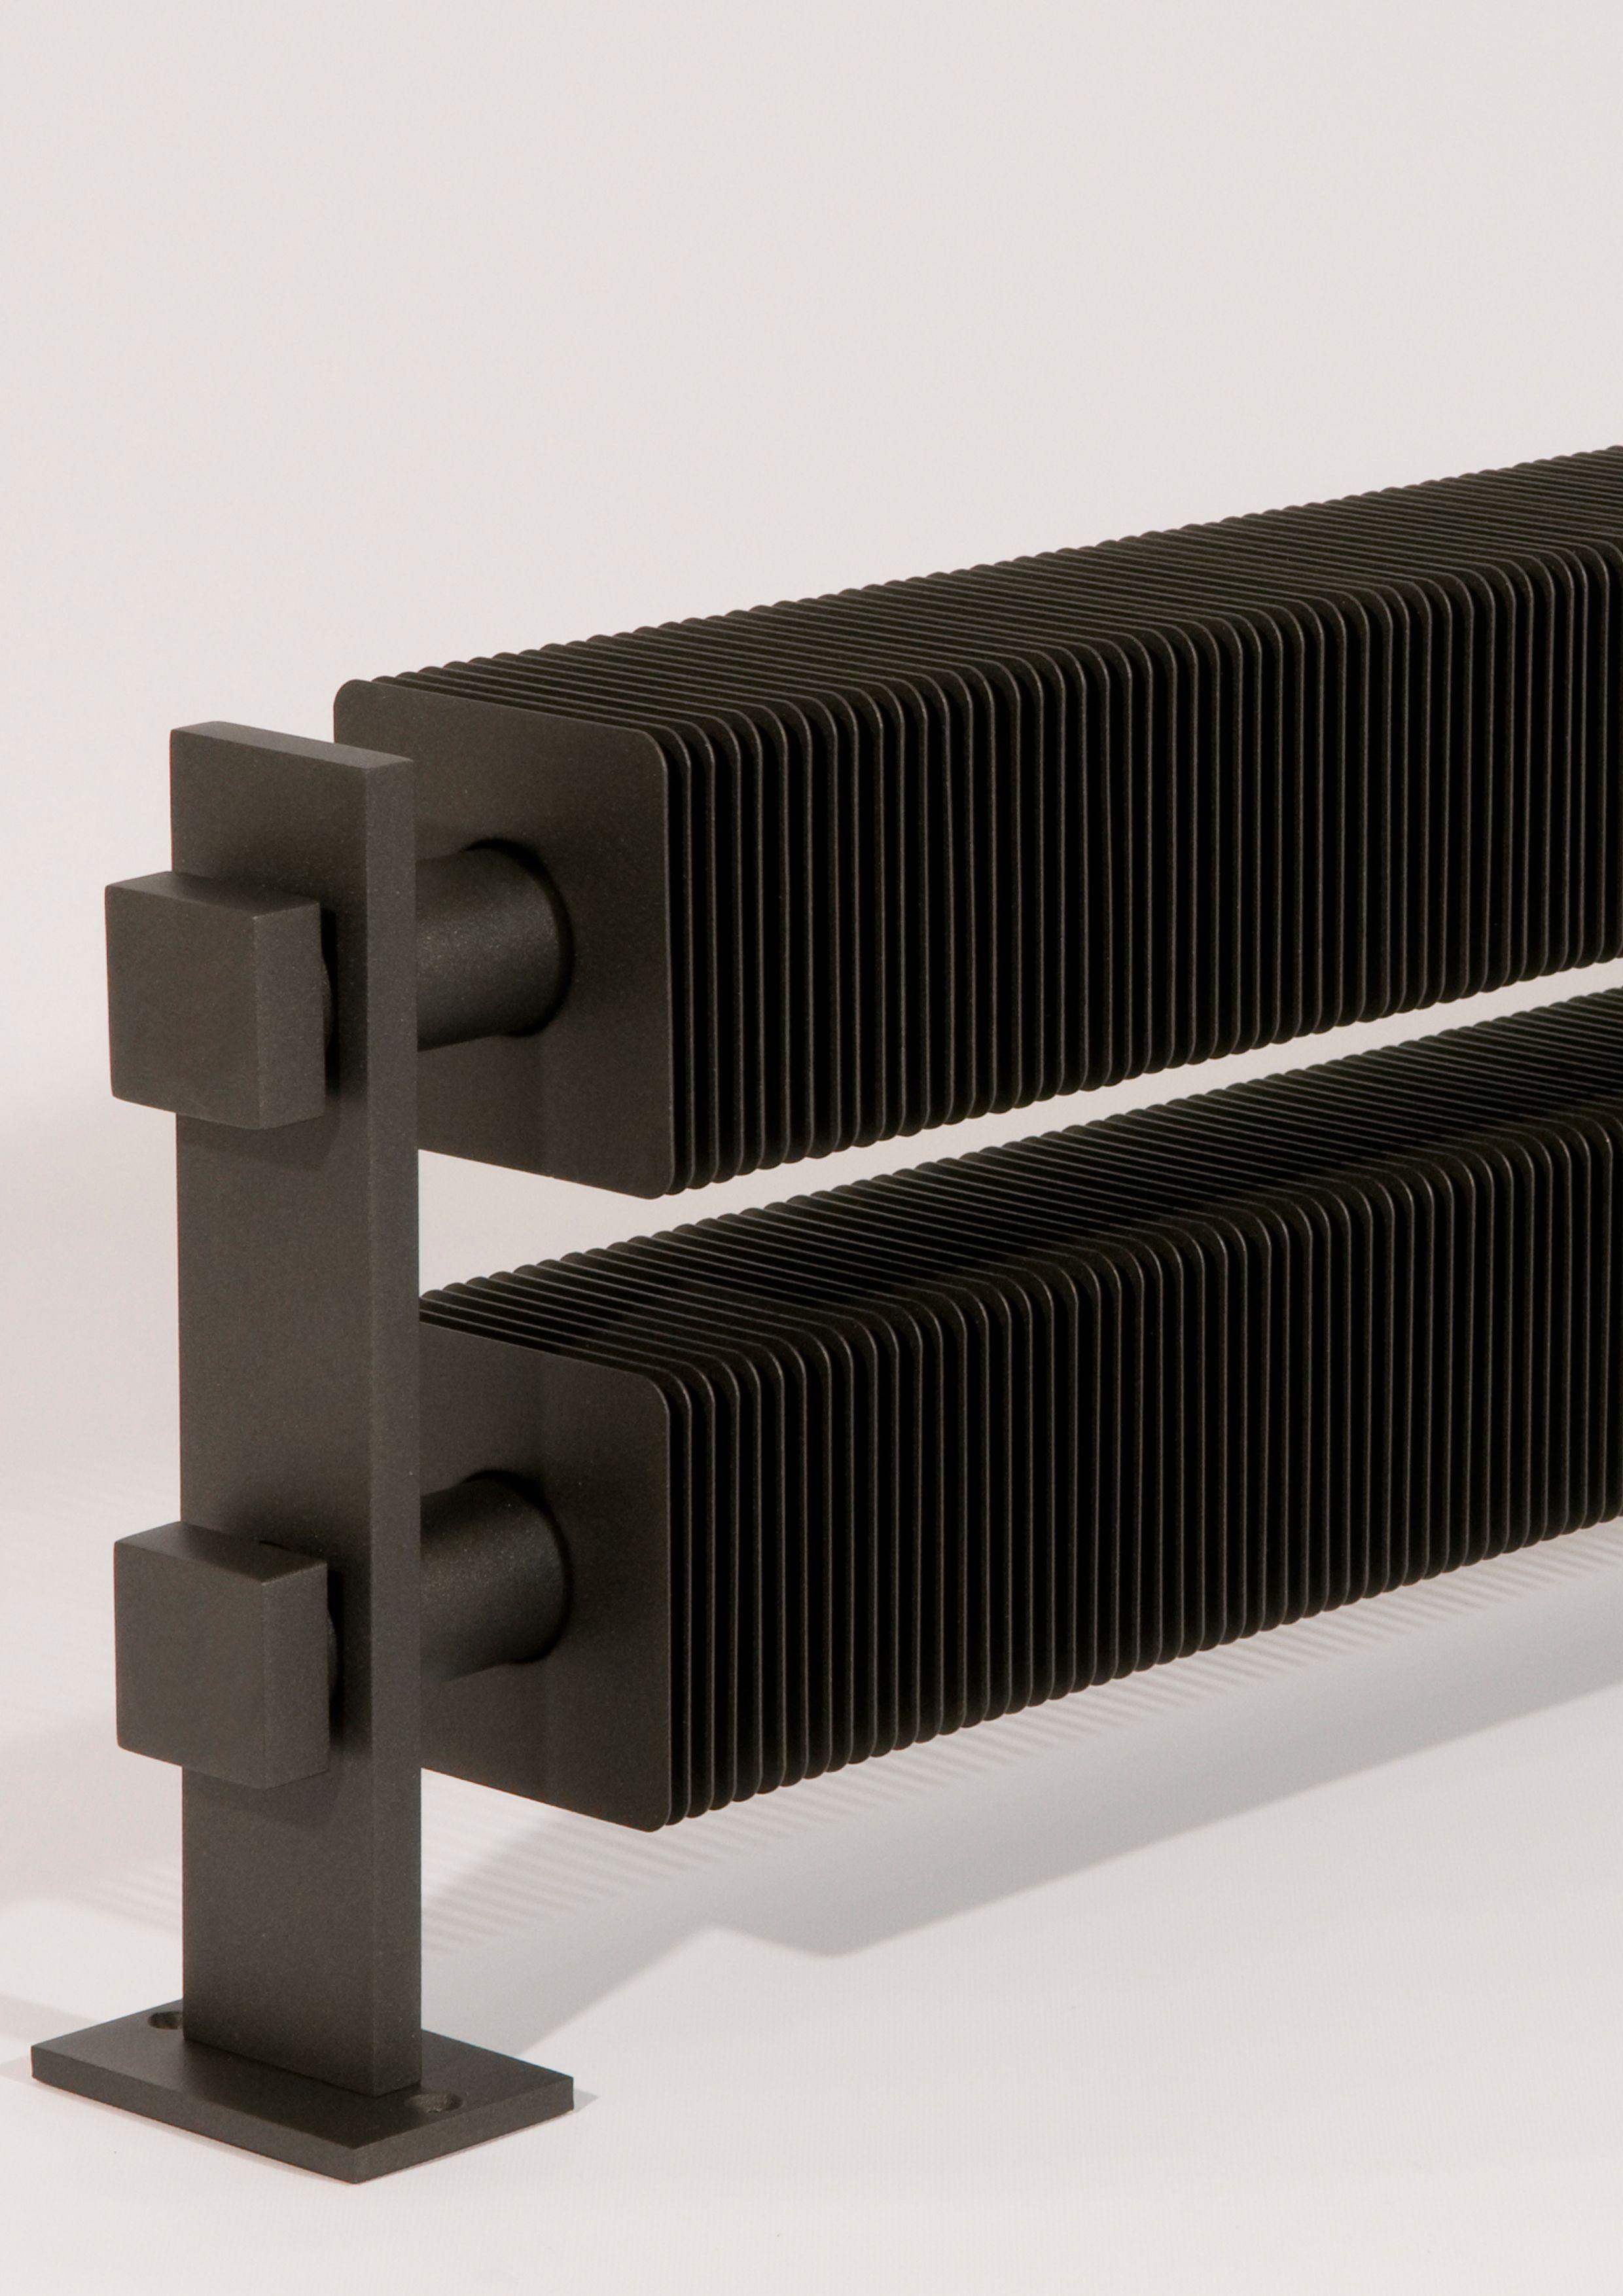 radiateur design varela vd 4632 fabricant et distributeur de radiateurs design chauffage central. Black Bedroom Furniture Sets. Home Design Ideas